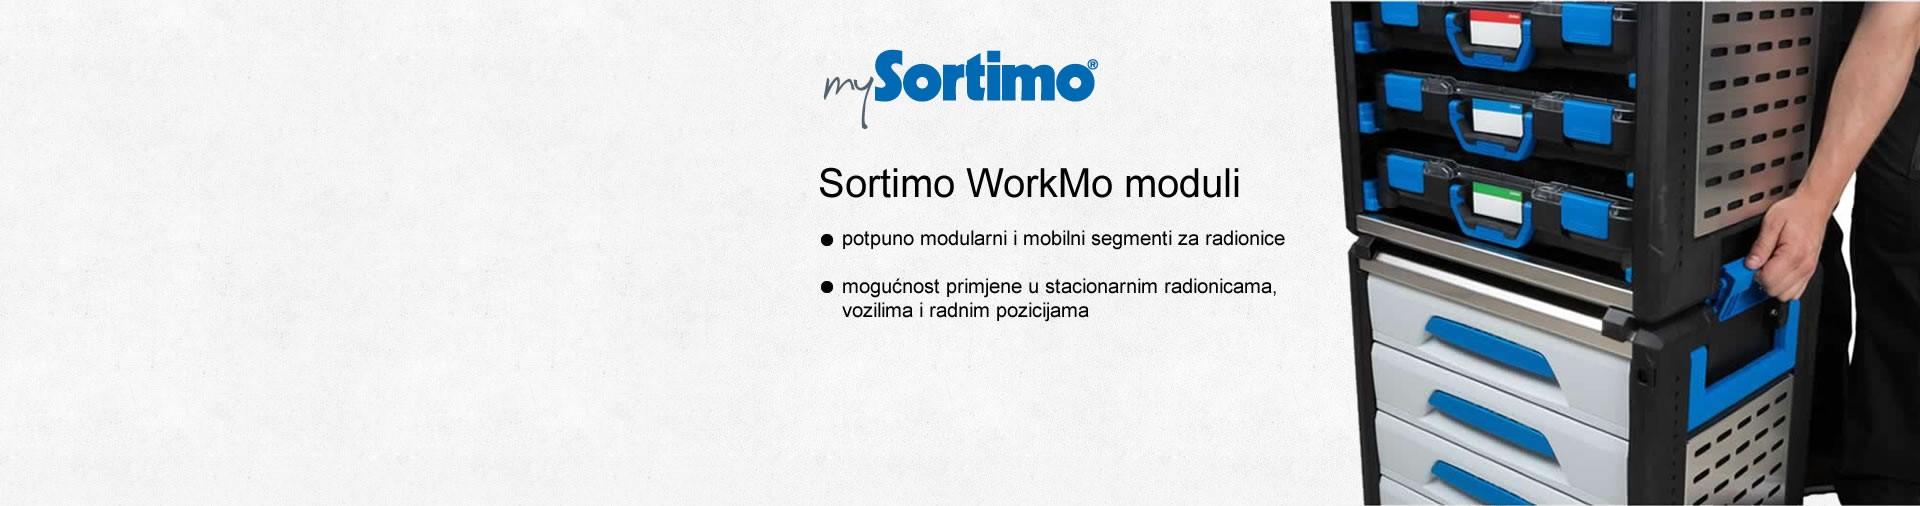 WorkMo mobilne radionice